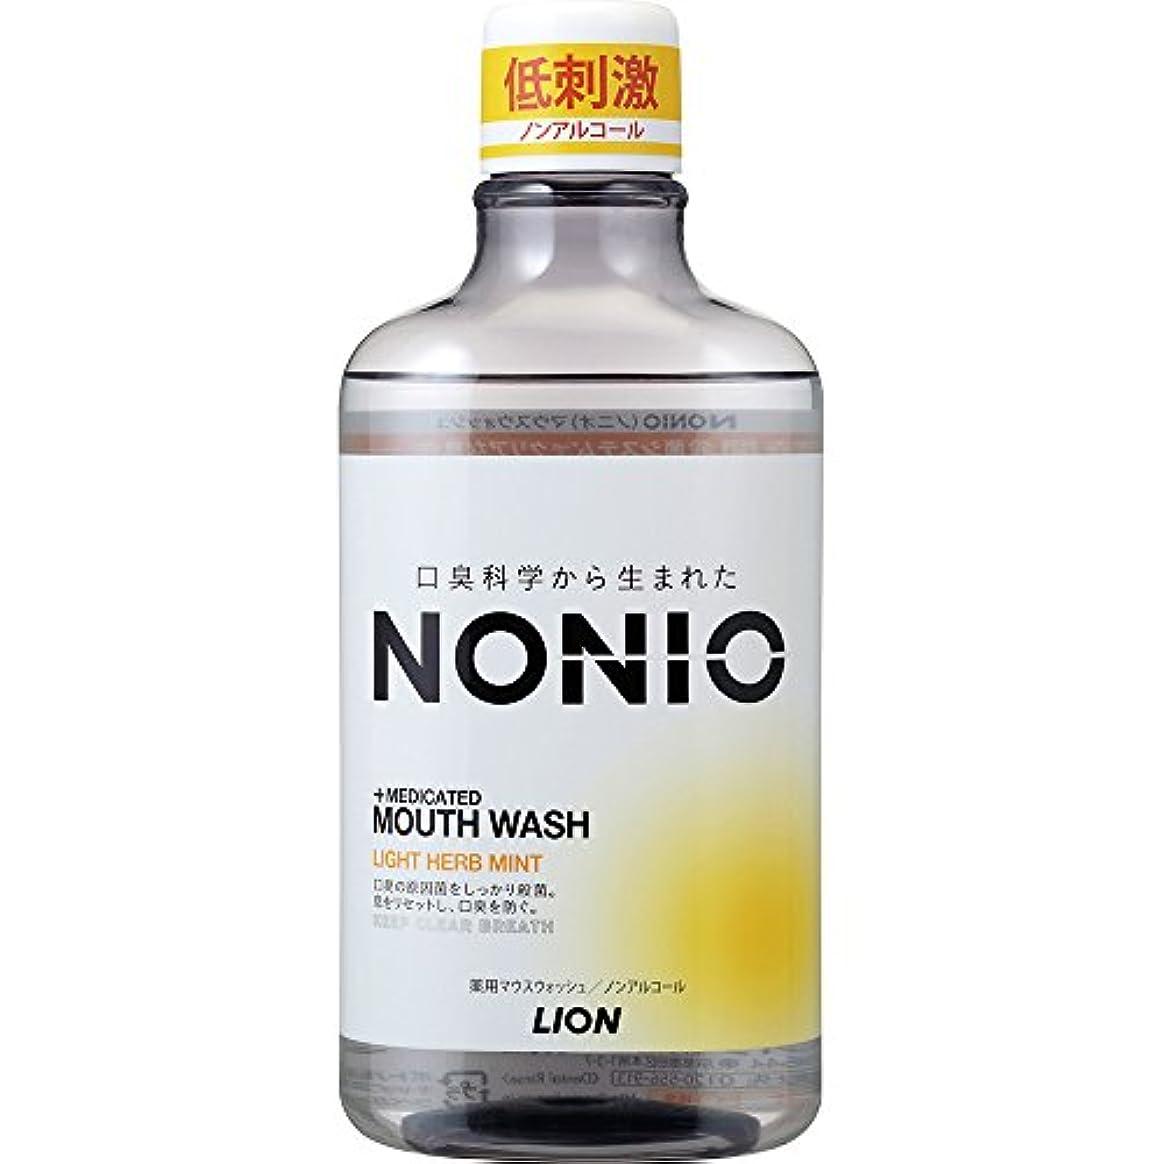 コイル暗殺する証明する[医薬部外品]NONIO マウスウォッシュ ノンアルコール ライトハーブミント 600ml 洗口液